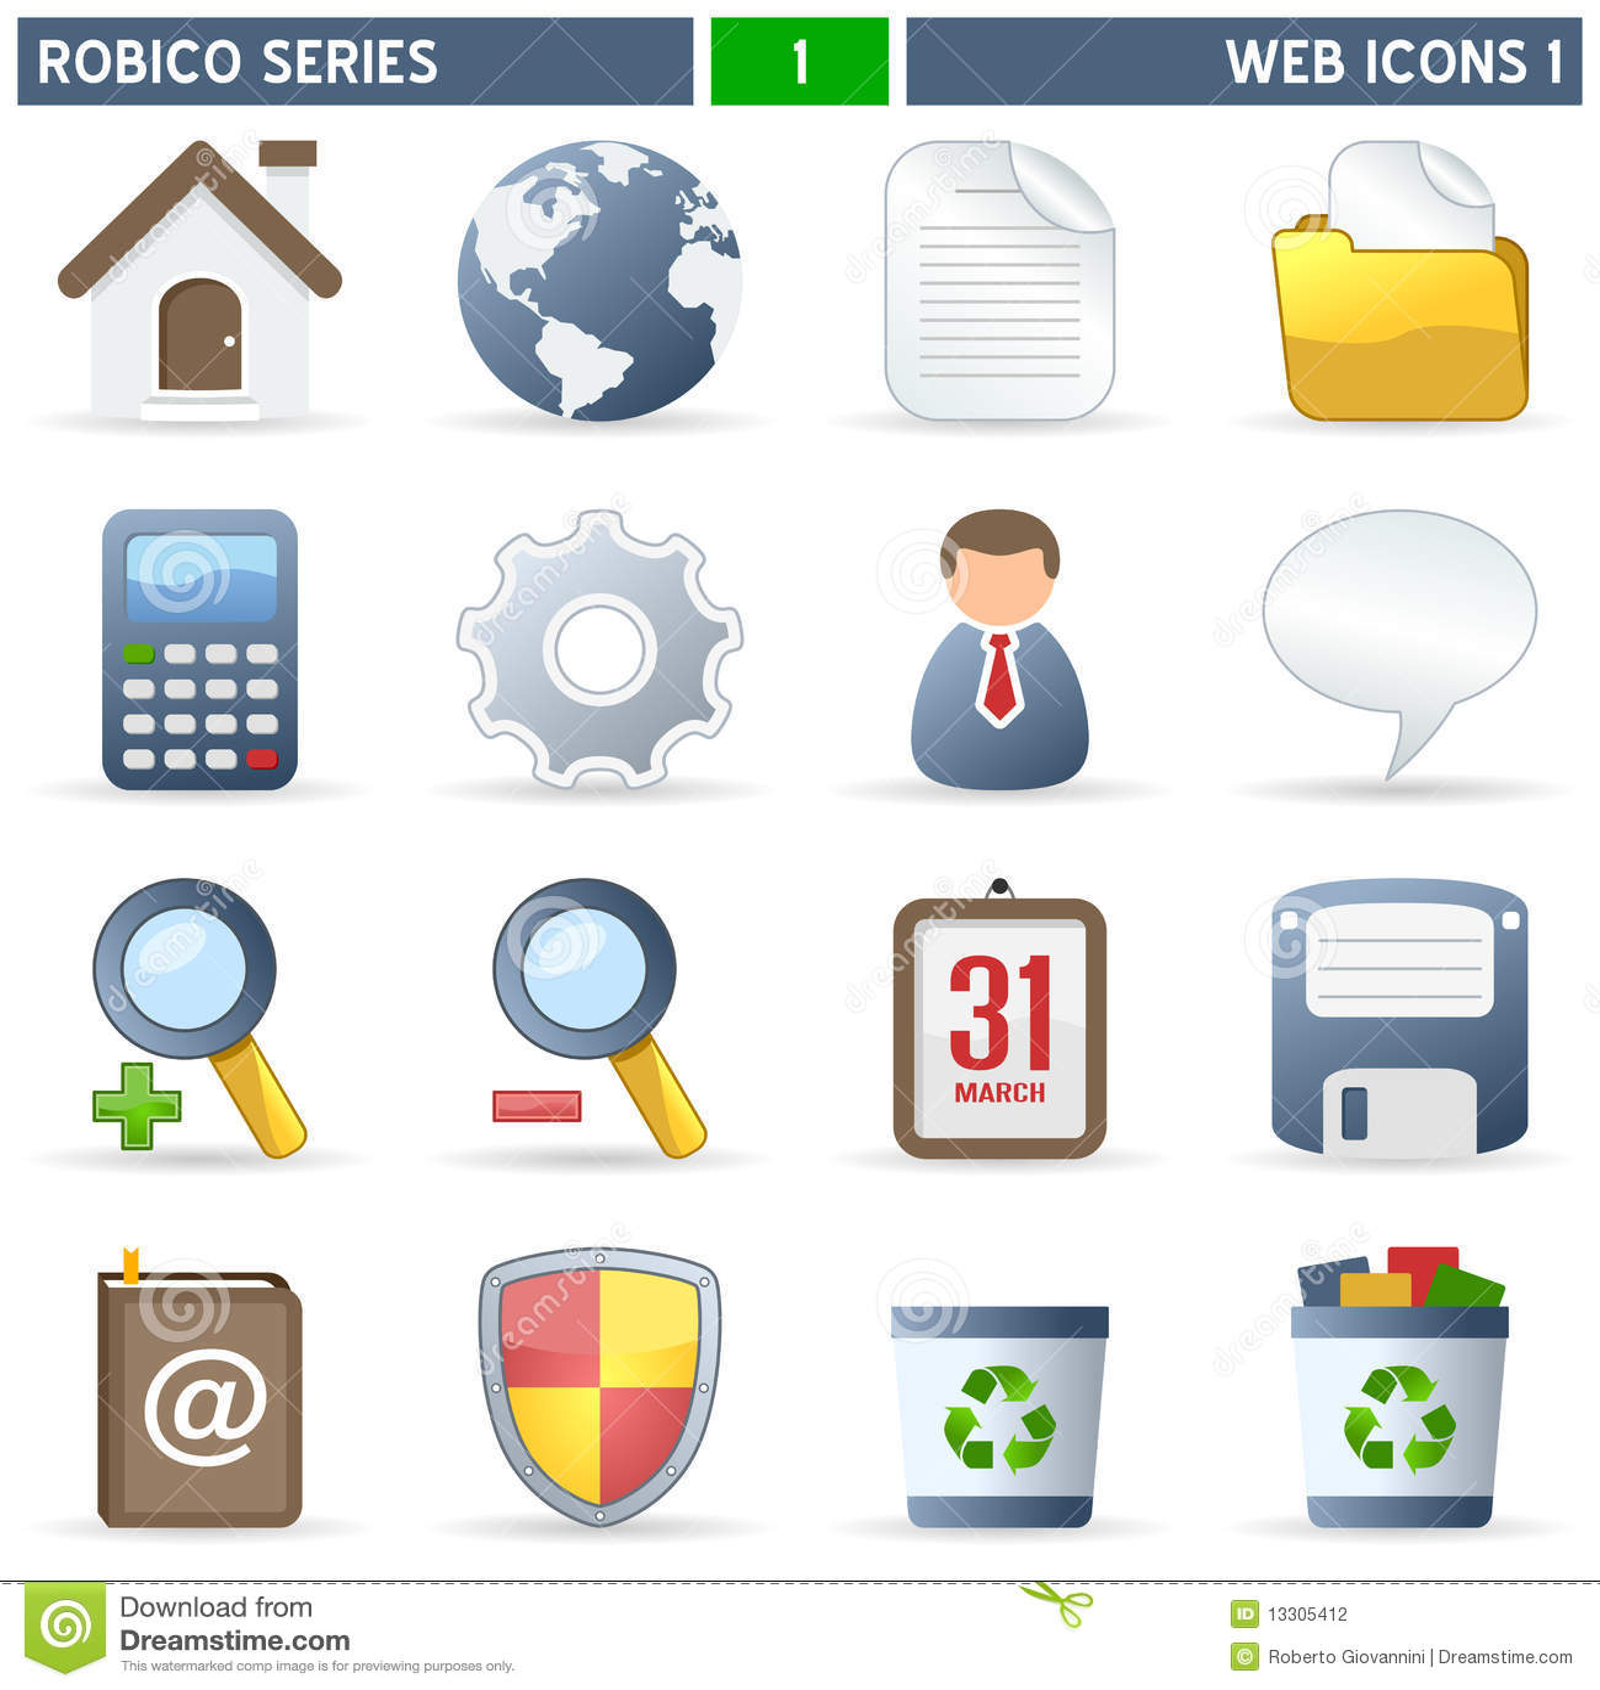 Serie de Robico de los iconos del Web [1] -